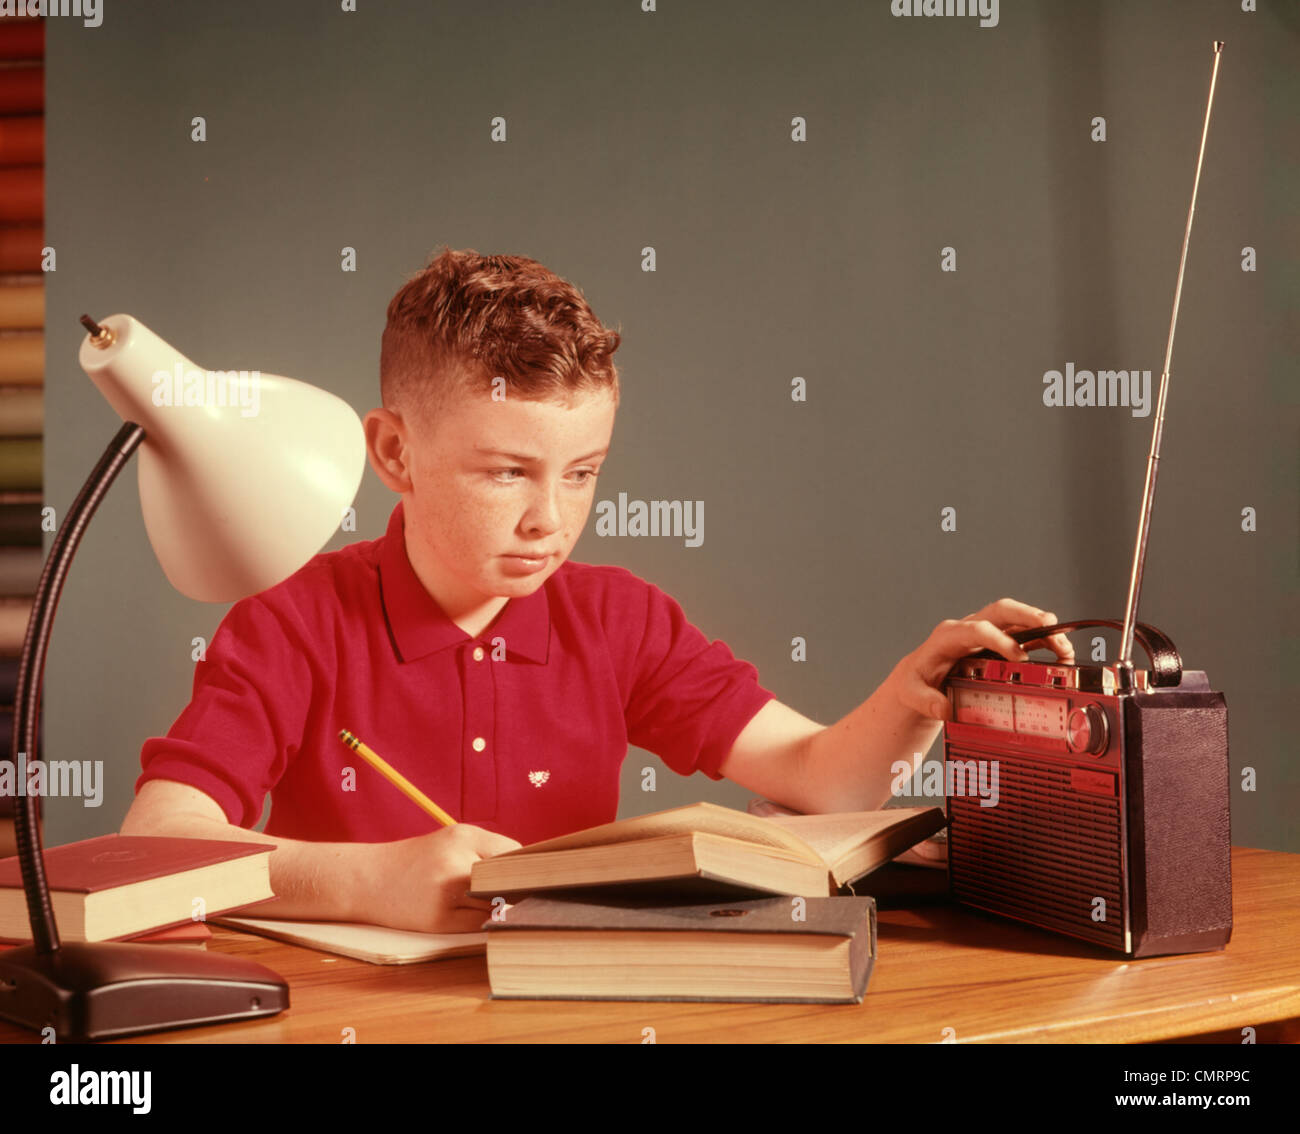 Primary school homework help 1960s